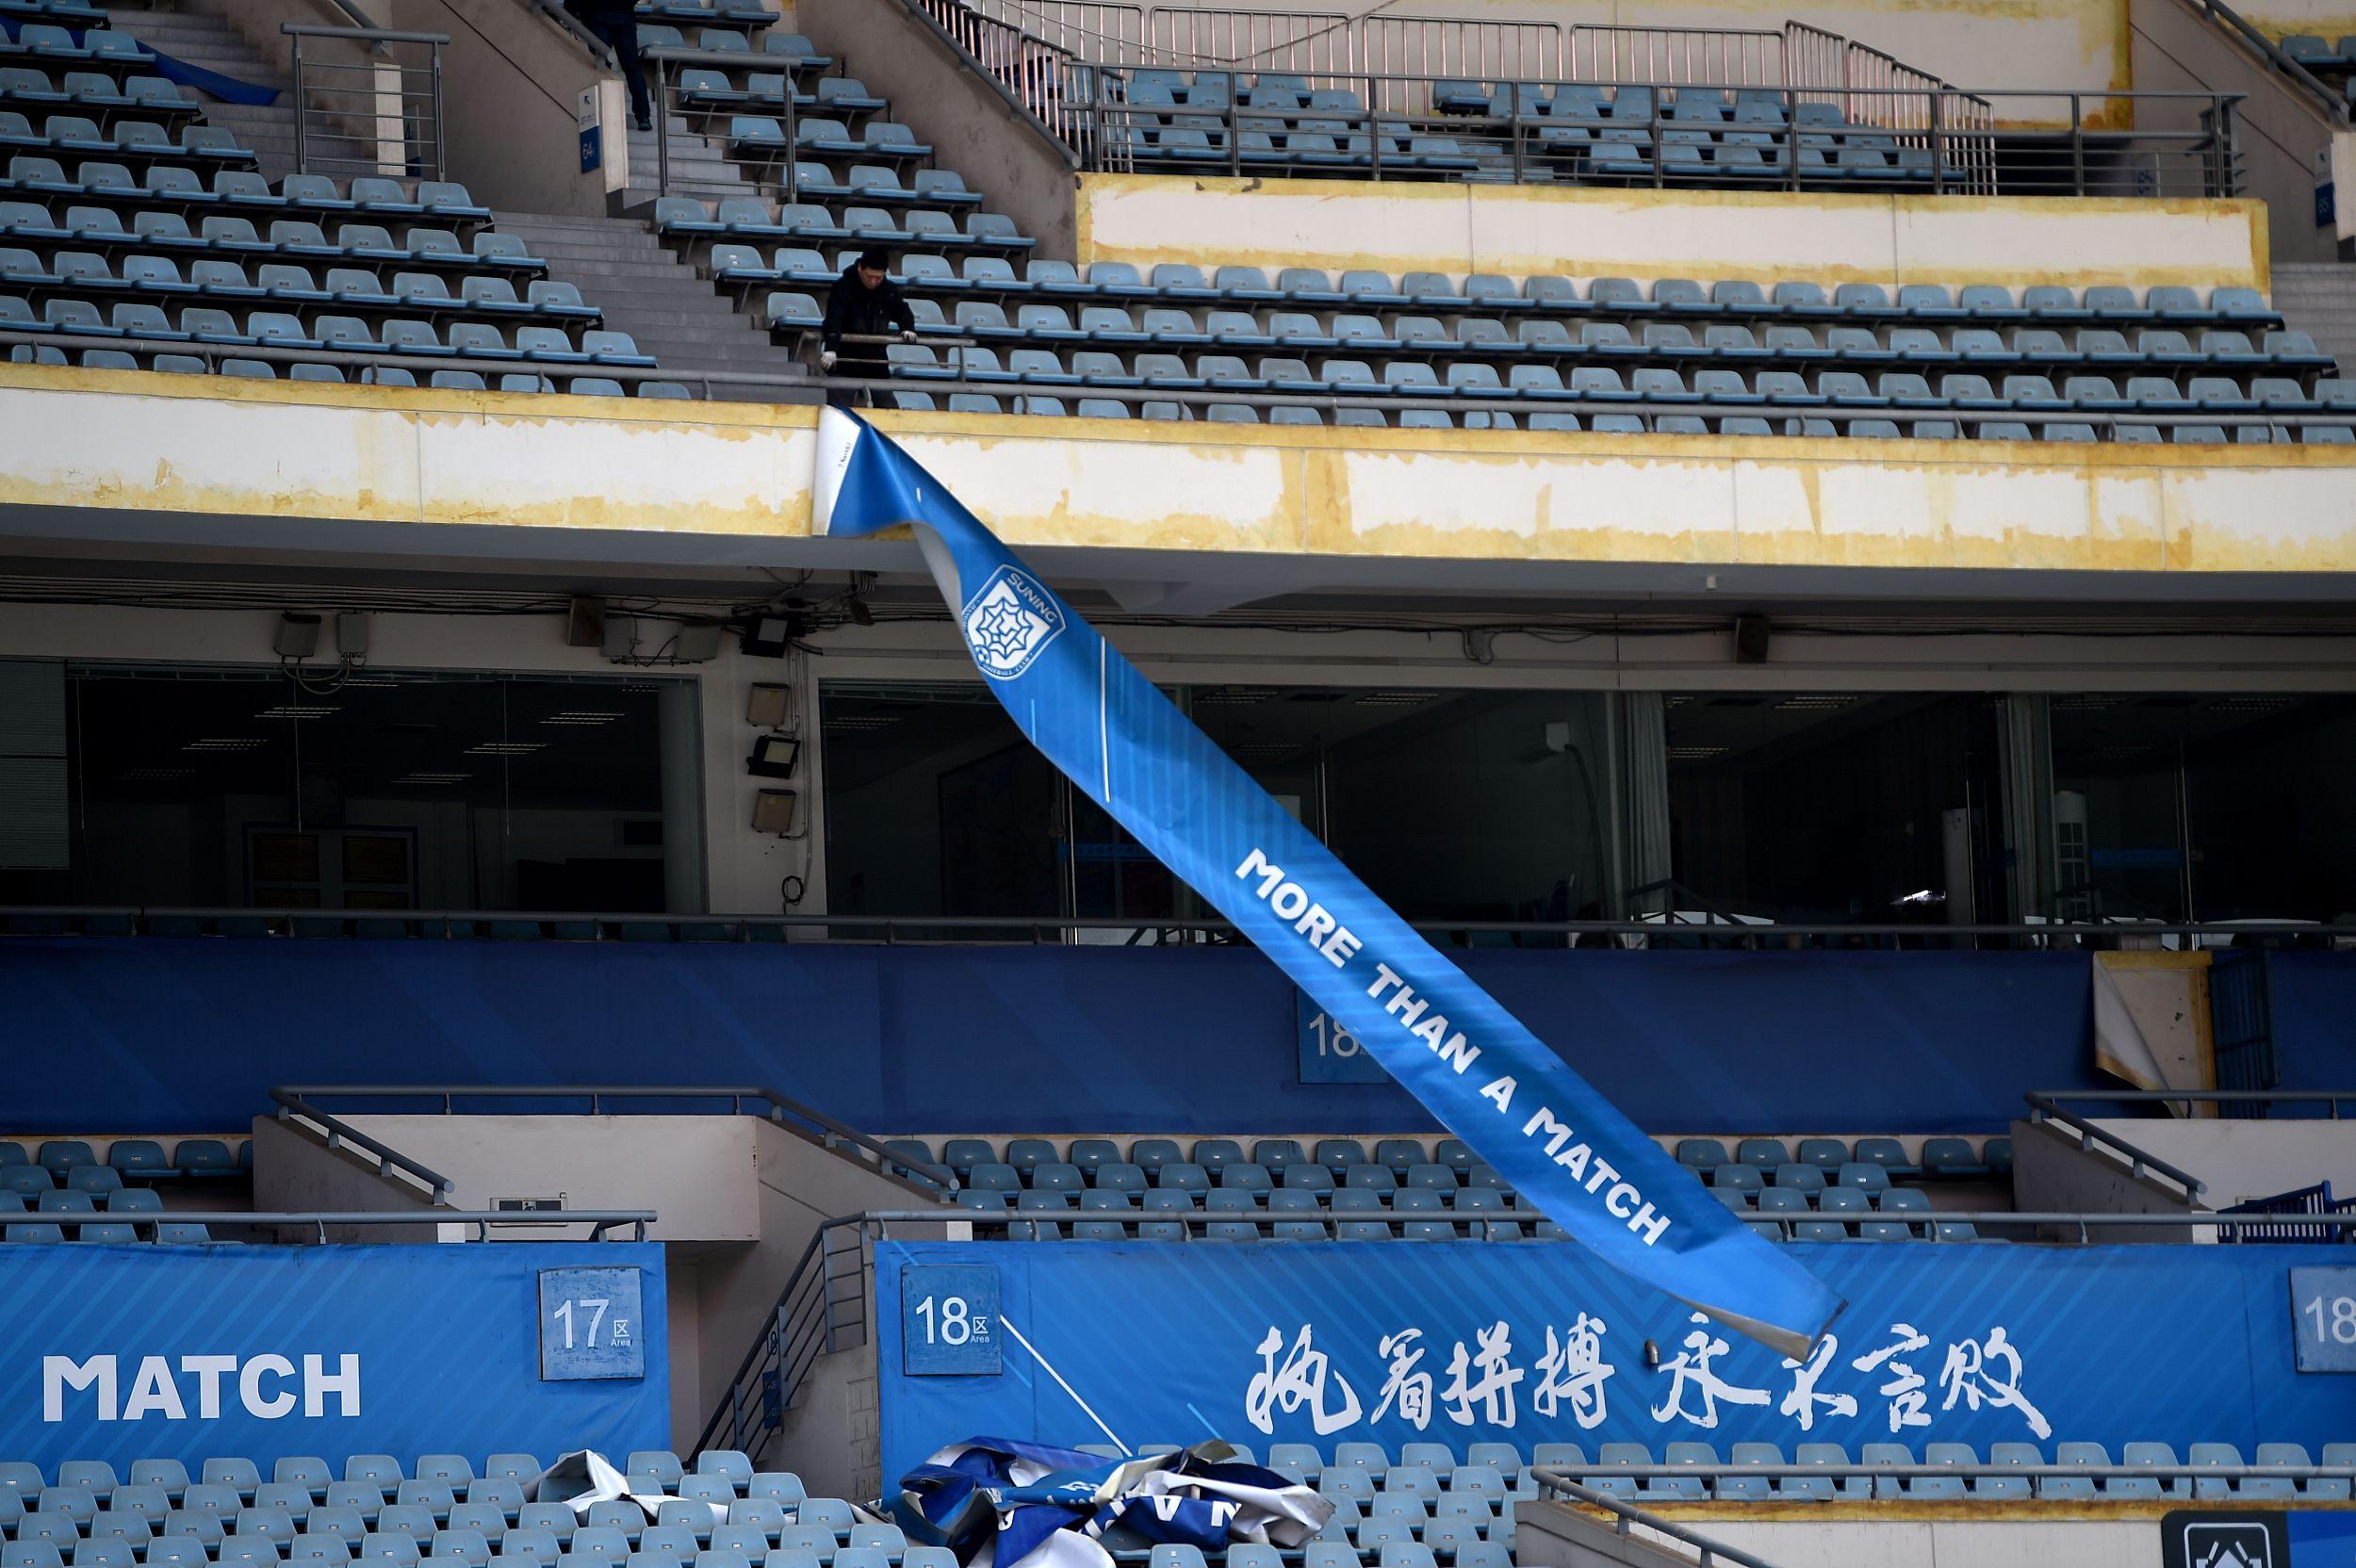 南京奥体中心正在撕去苏宁的印记。